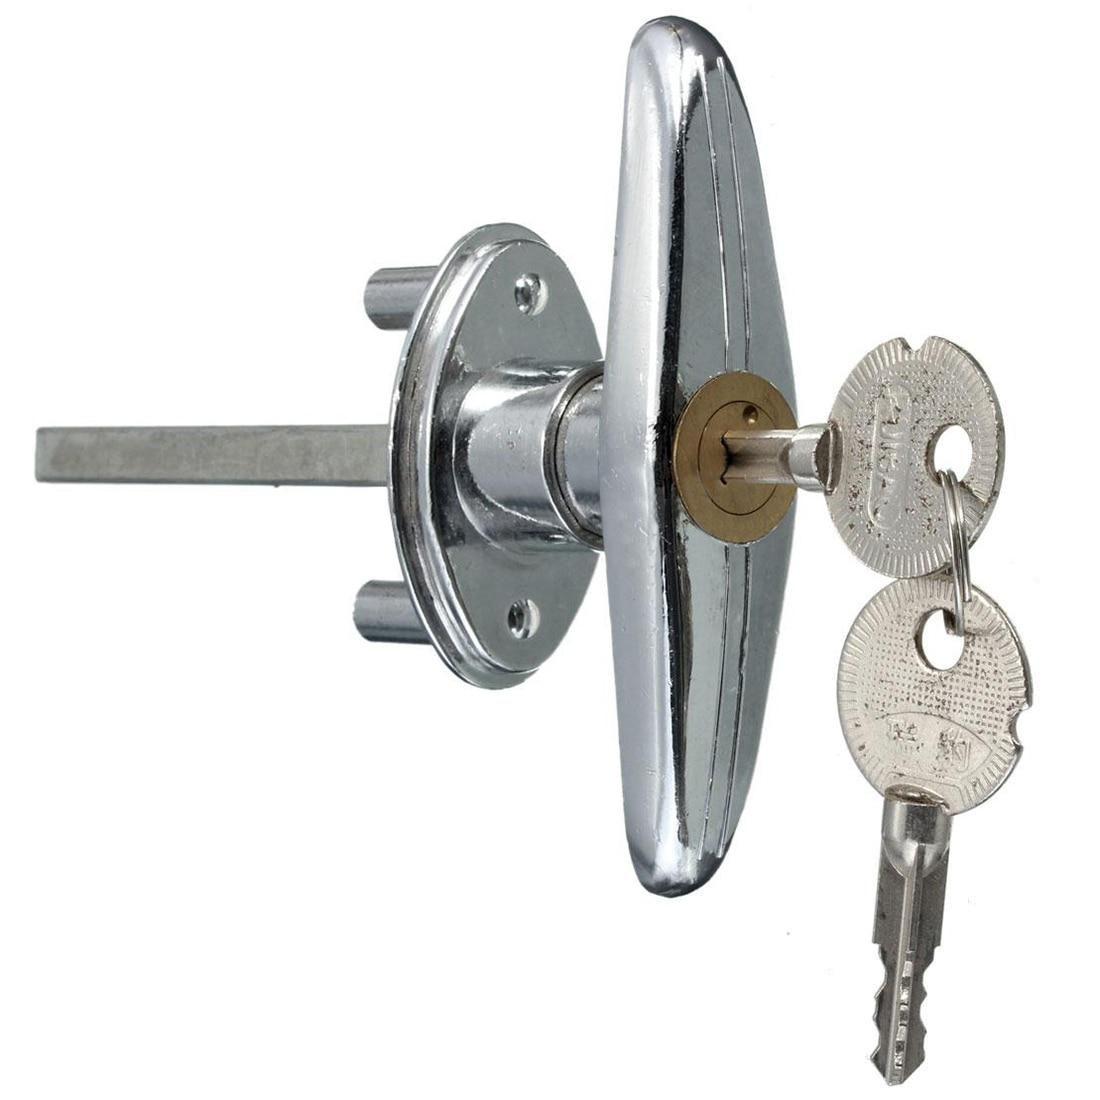 Garage Door Lock T Handle With Key Screw Metal Copper Us 8 68 Security Locks Rolling Door 2 Keys